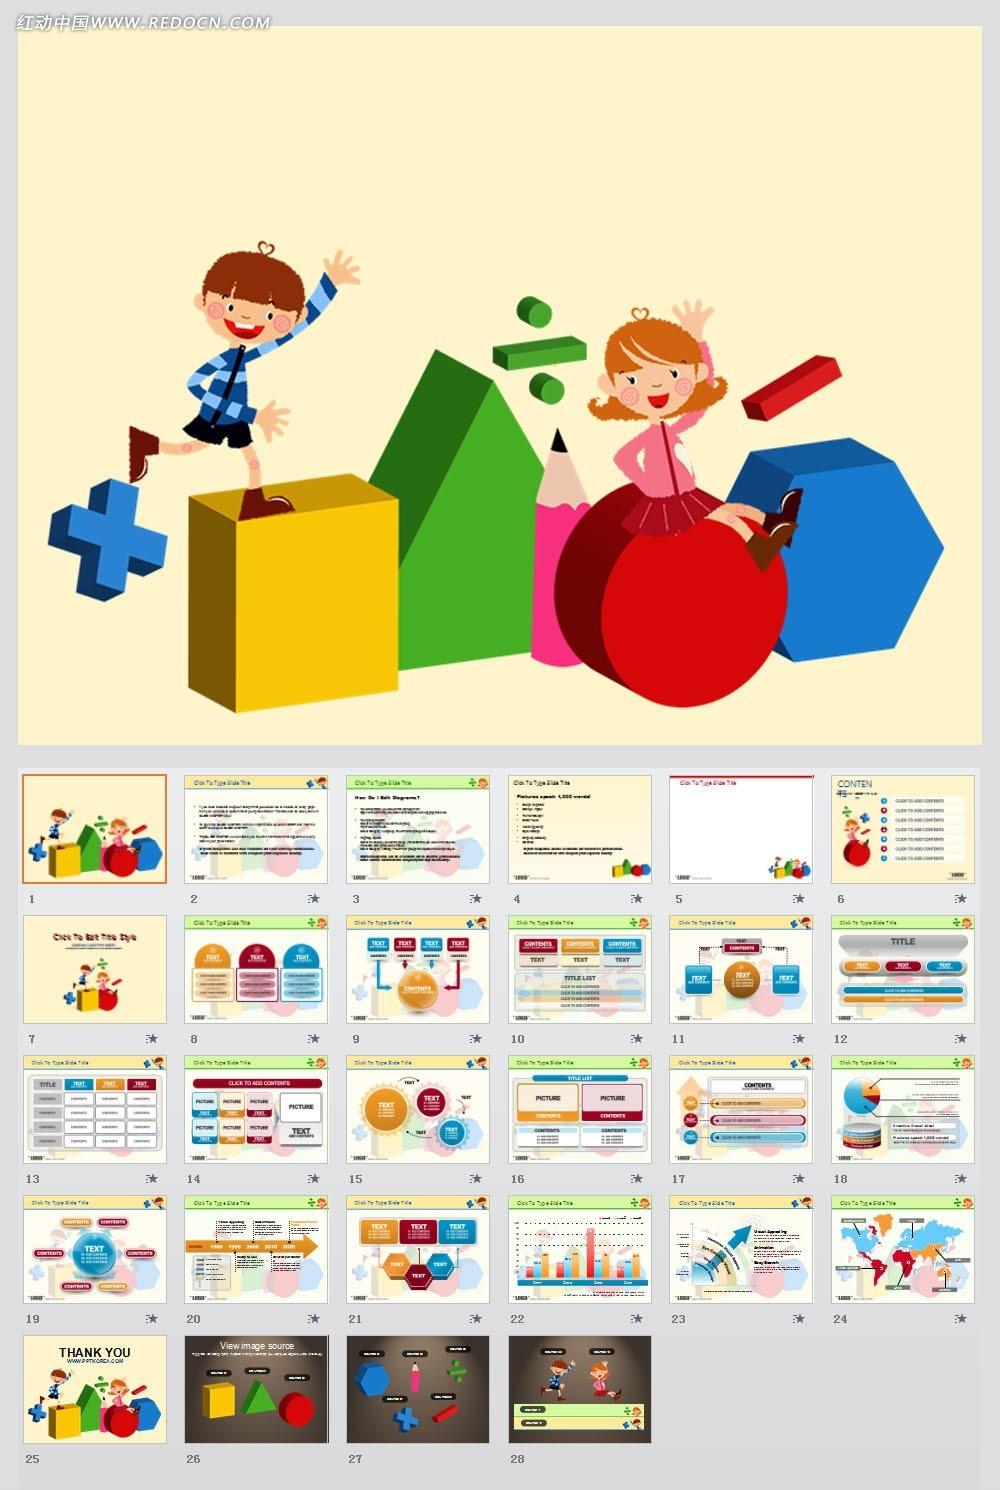 卡通儿童教育ppt模板免费下载_教育培训素材图片